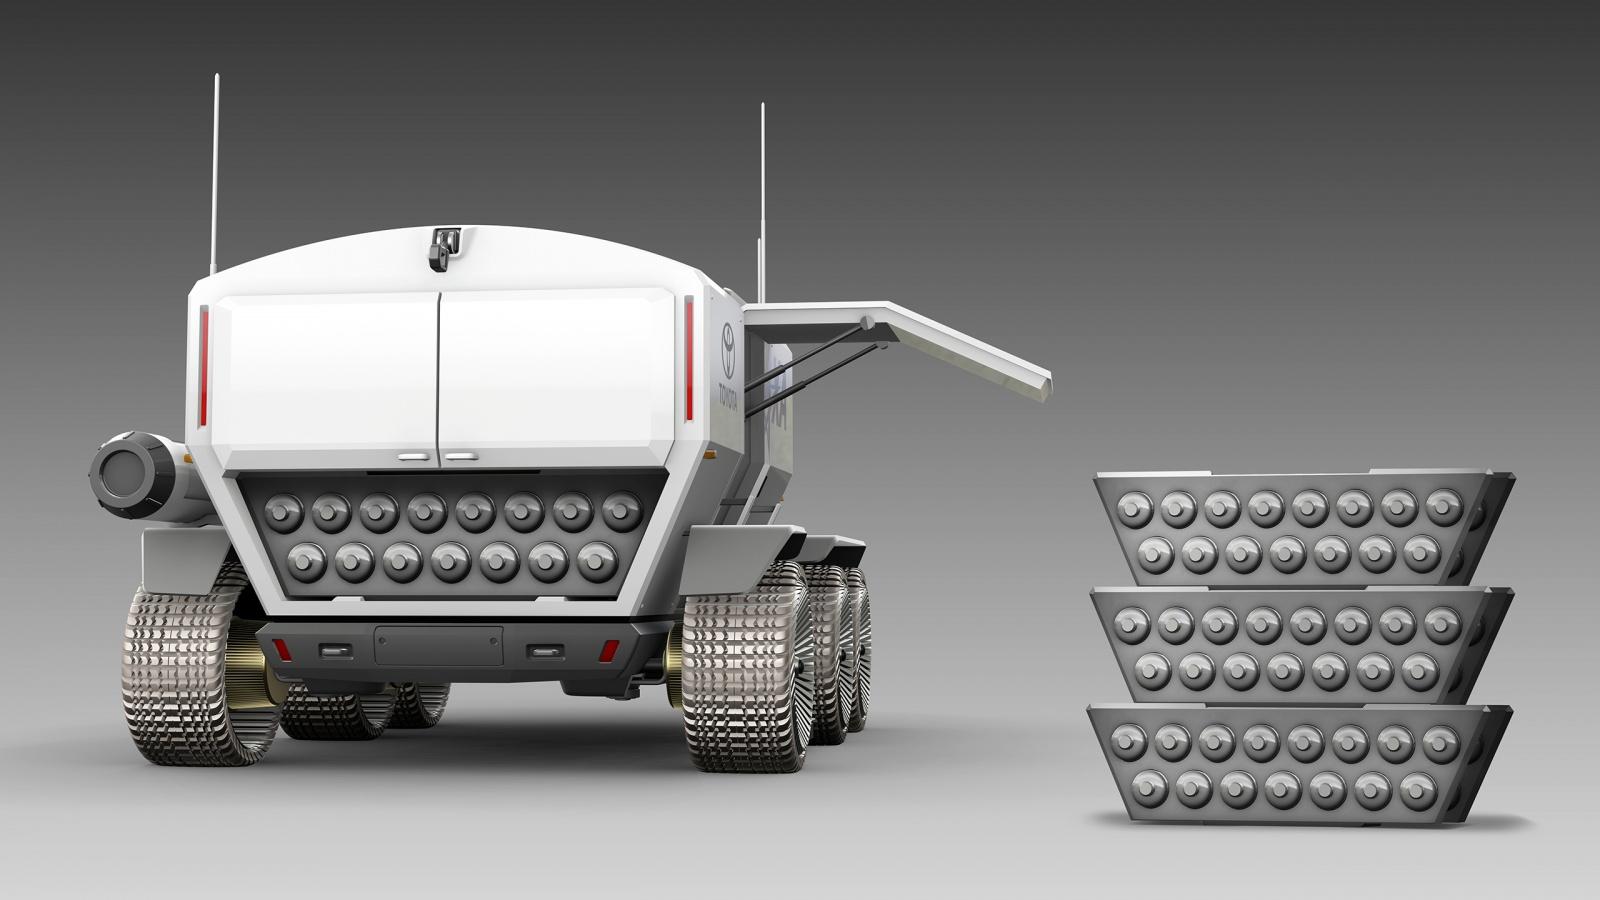 Тойота и JAXA в 2029 году планируют иметь пилотируемый ровер на Луне - 12